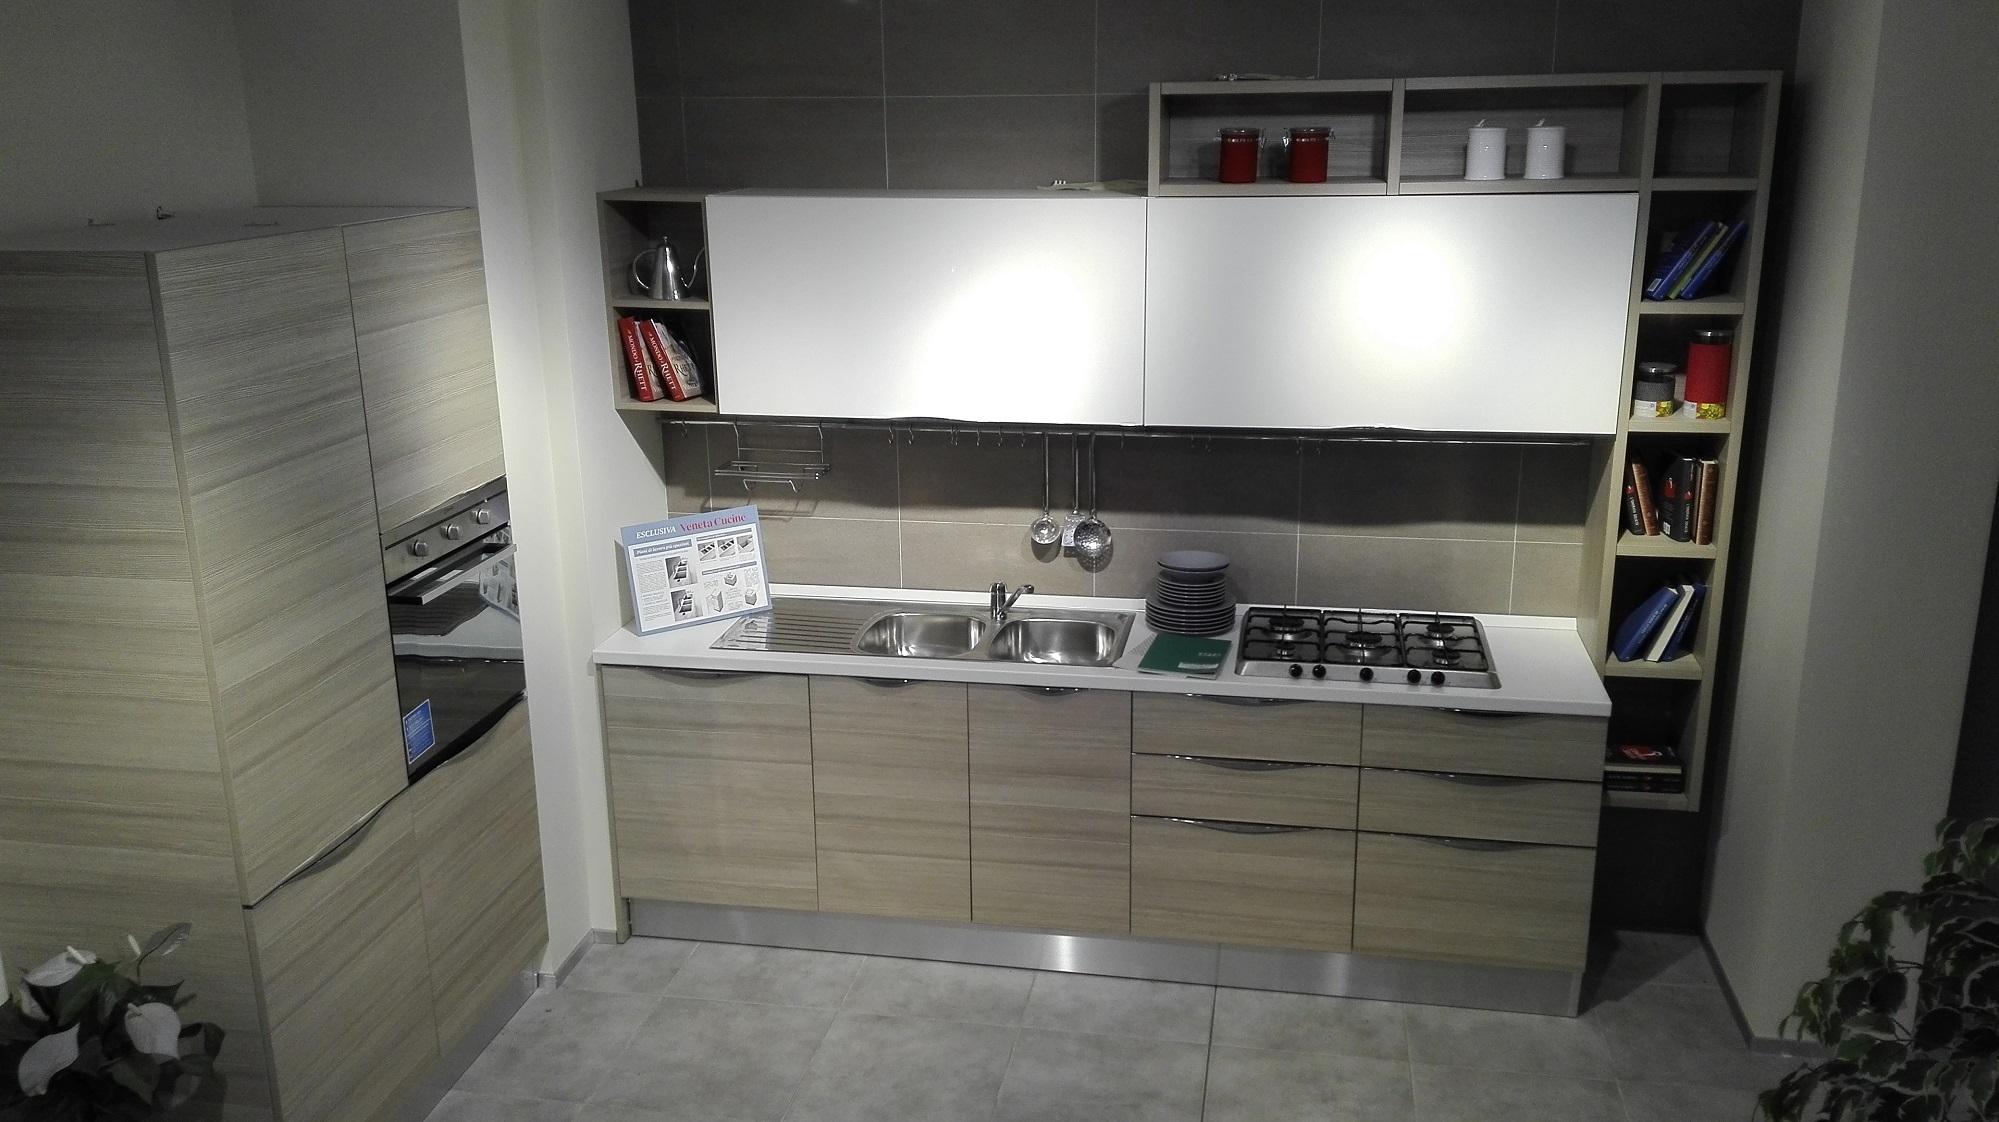 Veneta Cucine Cucina Start time scontato del -50 % - Cucine a ...